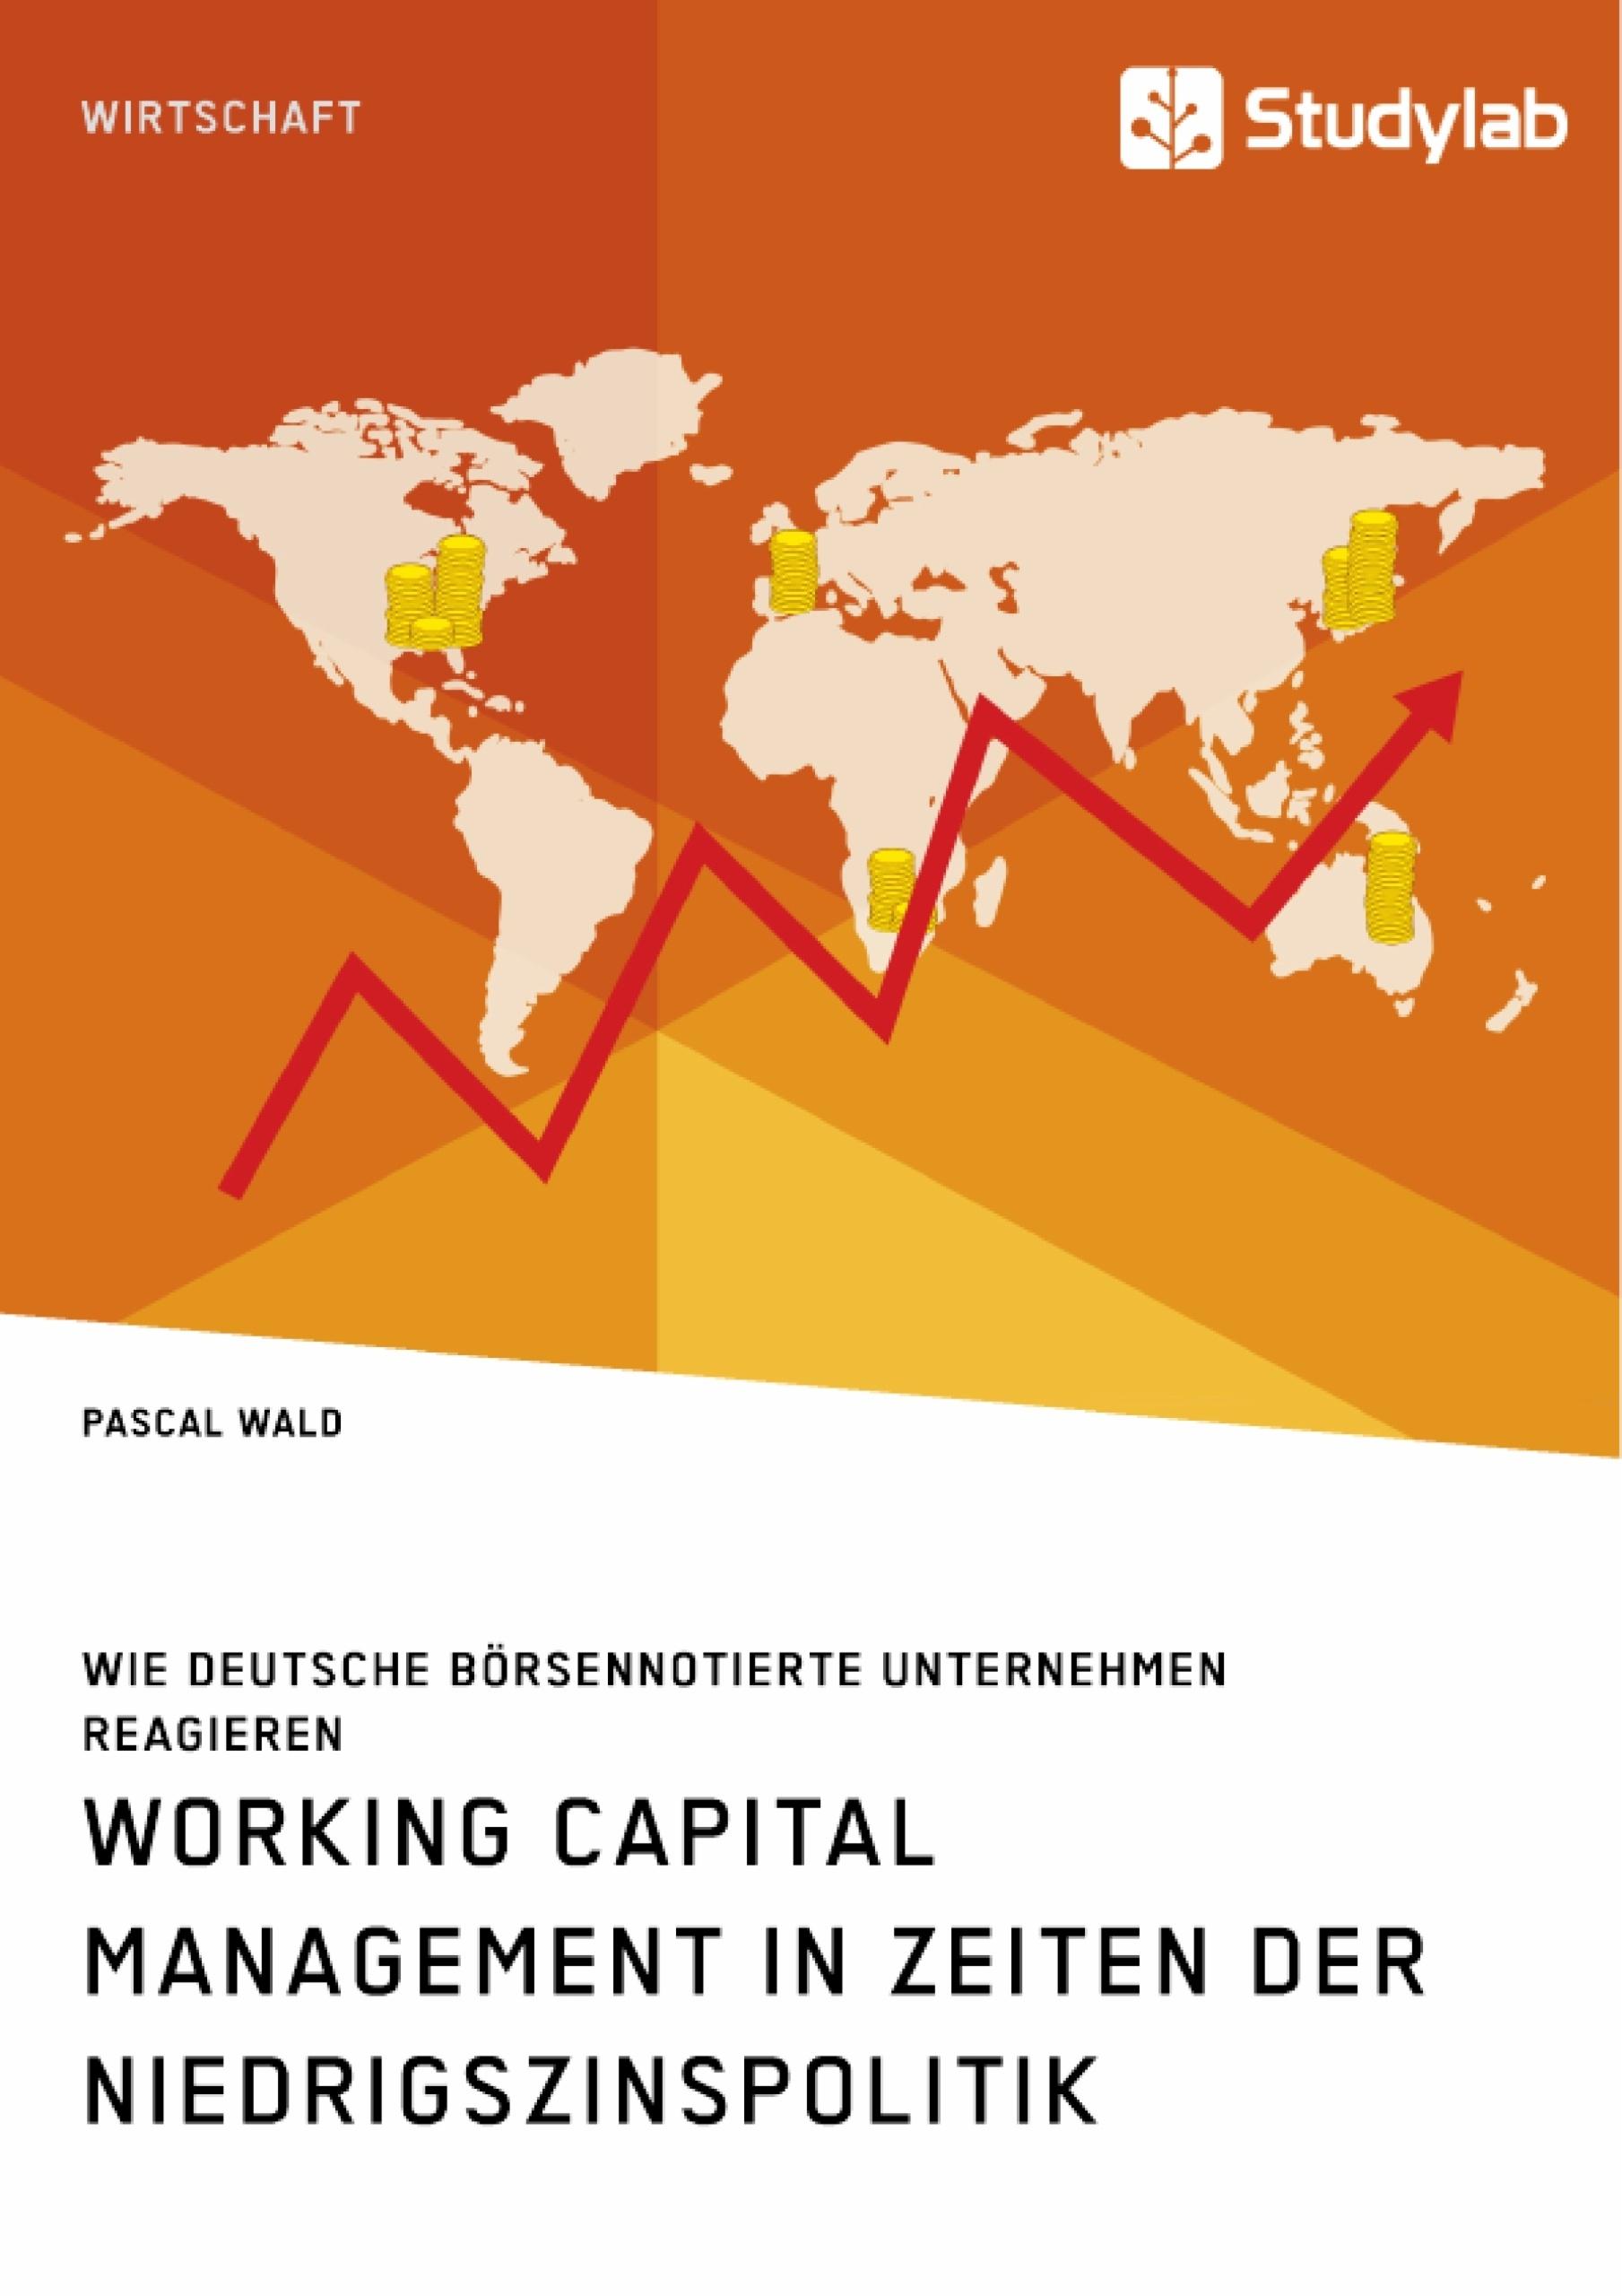 Titel: Working Capital Management in Zeiten der Niedrigszinspolitik. Wie deutsche börsennotierte Unternehmen reagieren